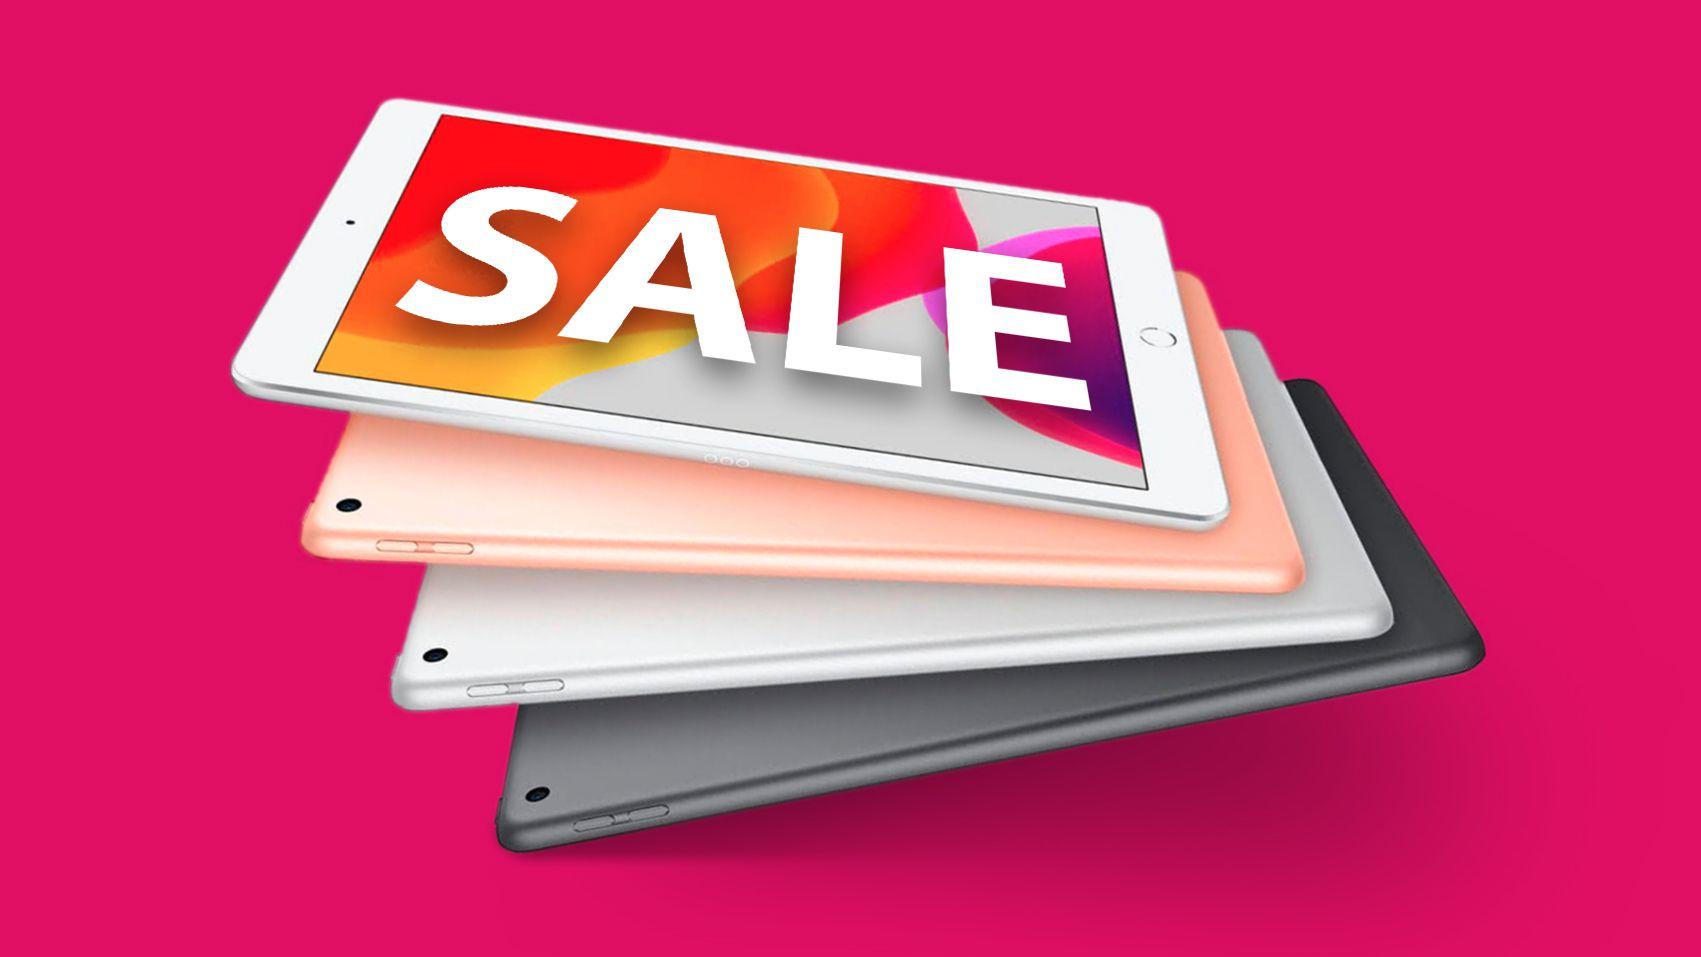 Deals: iPad Mini Drops to $349.99 in New Sales ($49 Off)